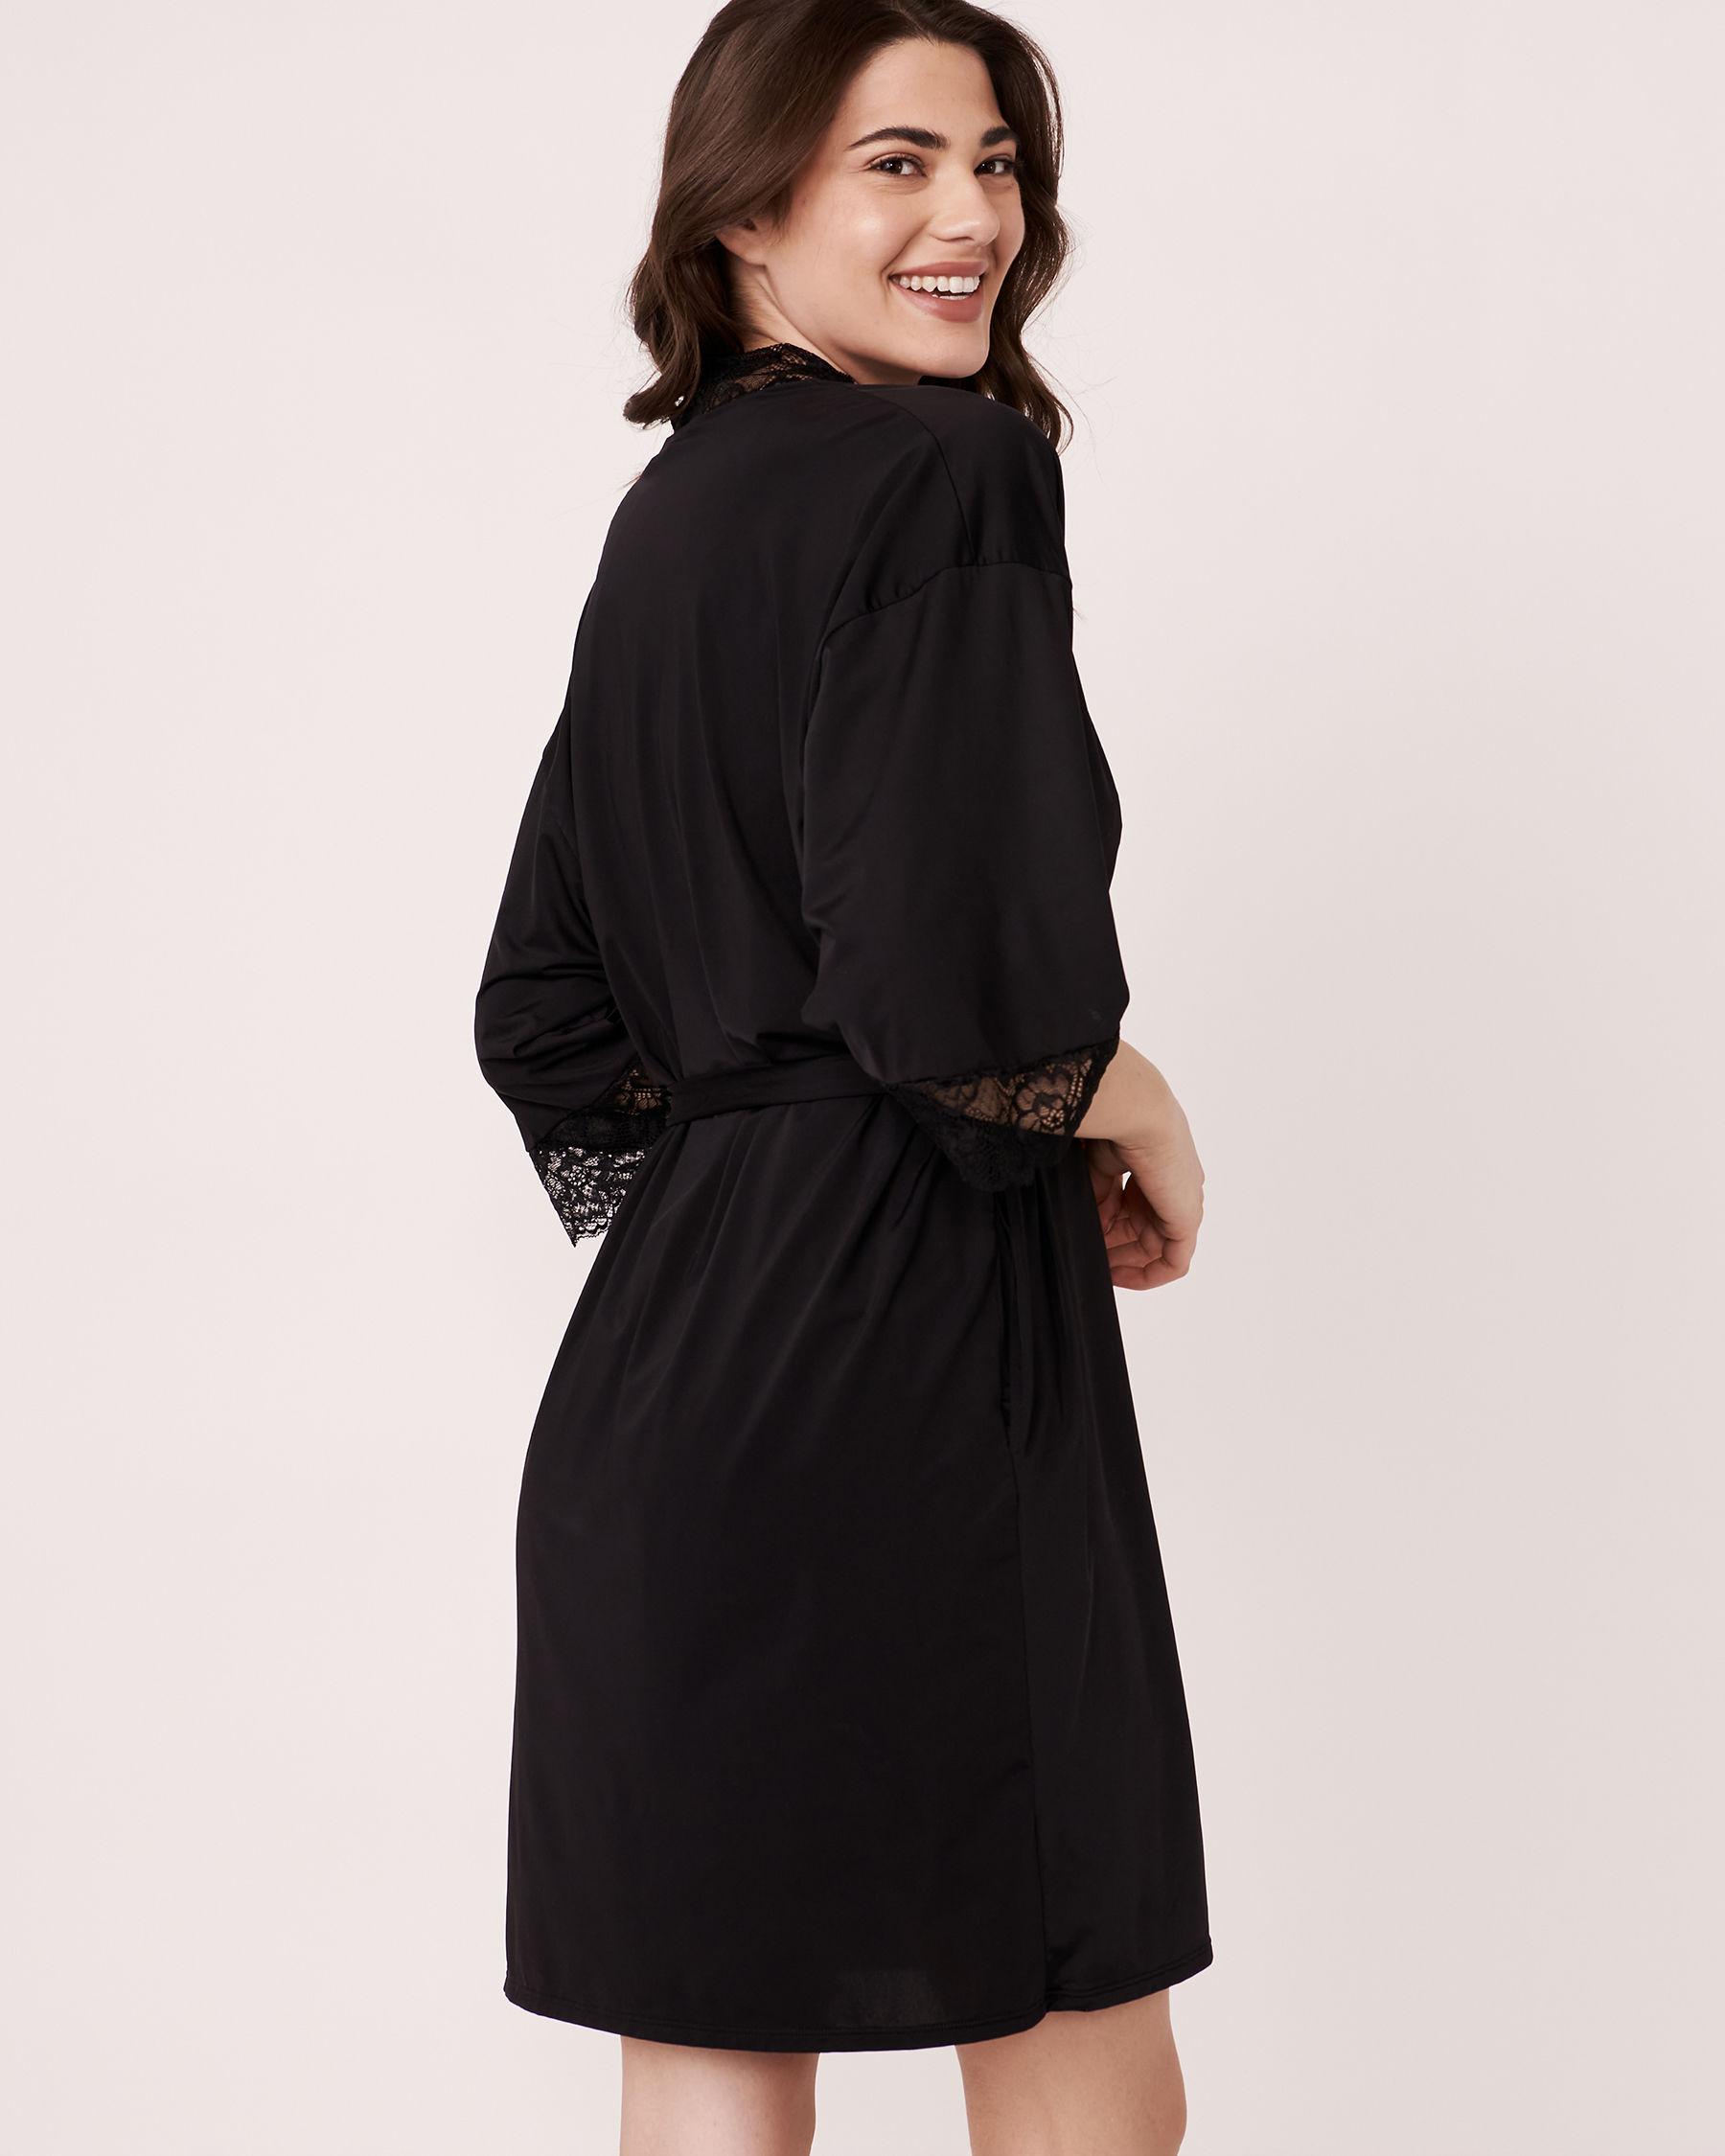 LA VIE EN ROSE Kimono garniture de dentelle Noir 60600002 - Voir2